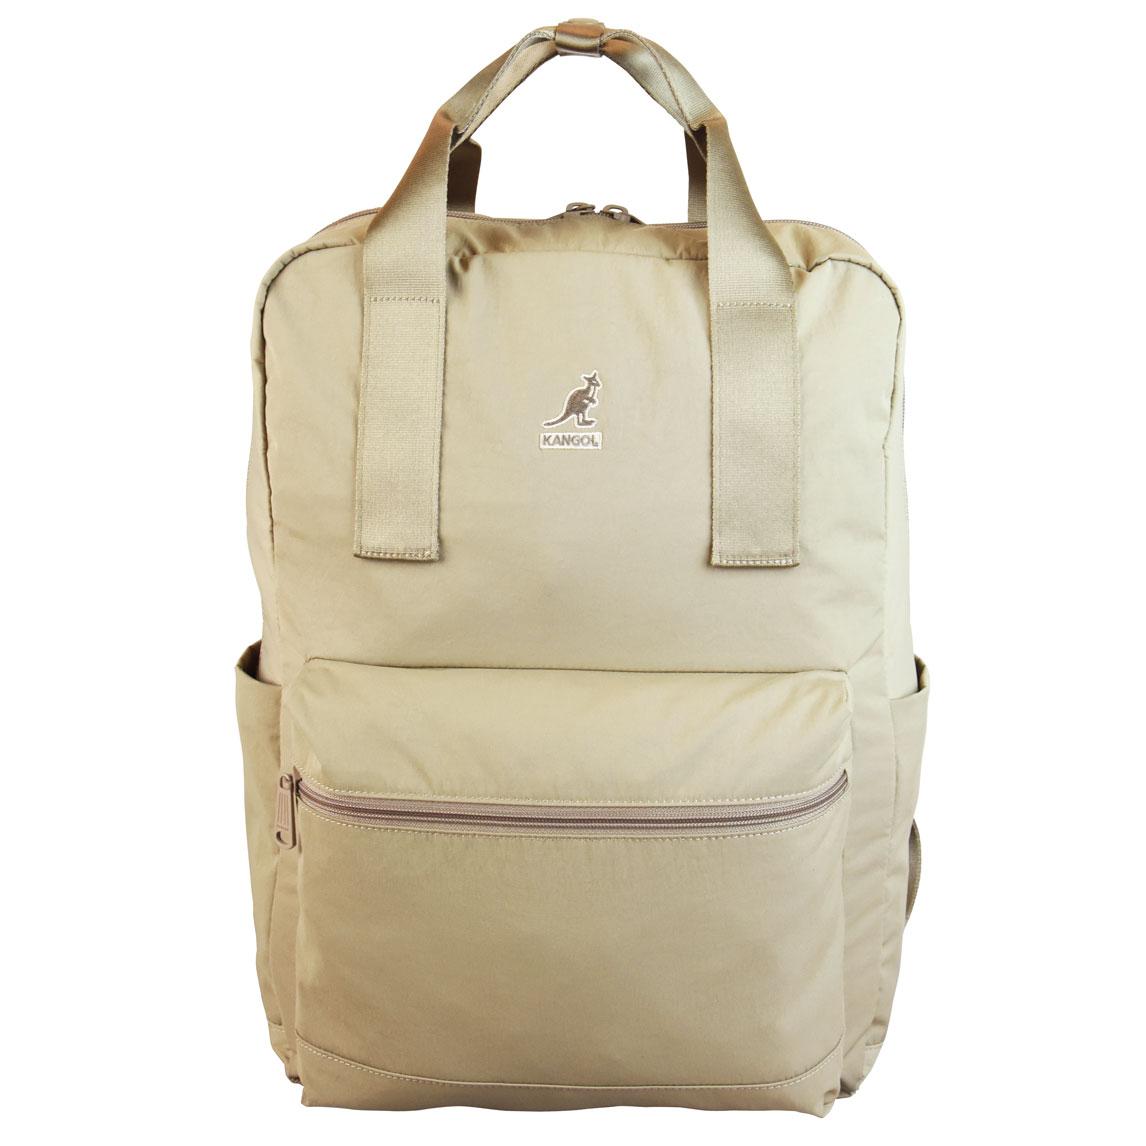 Kangol Kangol Nylon Travel Backpack in Beige